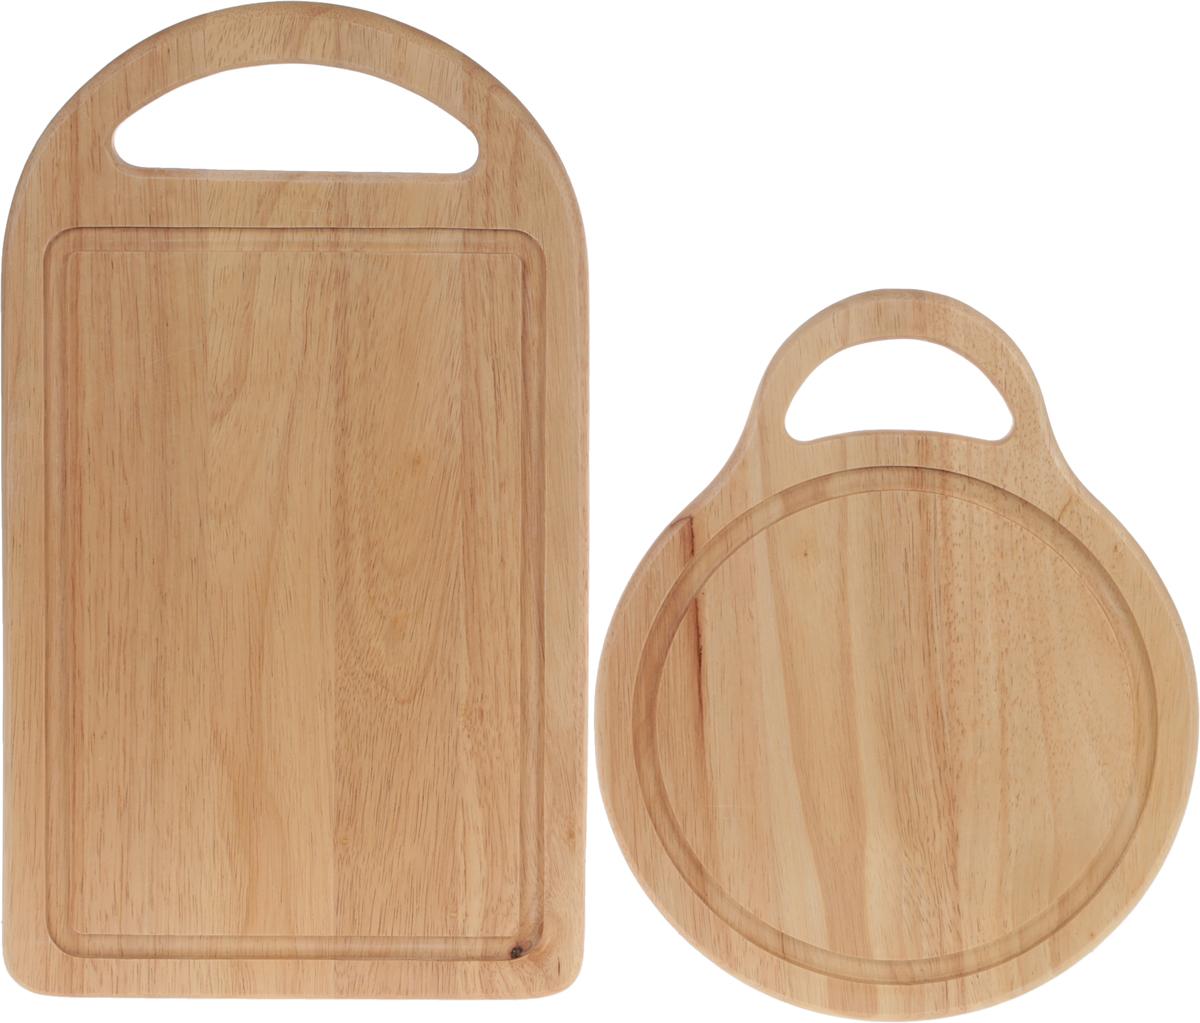 """Комплект """"Oriental Way"""", состоит из двух досок разного размера, изготовленных из древесины дерева  гевея. Доска имеет углубление для стока жидкости вдоль края и круглой разделочной доски  с ручкой.  Прочная древесина гевеи не портится от горячей воды и не впитывает влагу и запахи.  Размер большой доски: 40 х 23 х 2 см Размер малой доски: 30 х 24 х 1 см."""